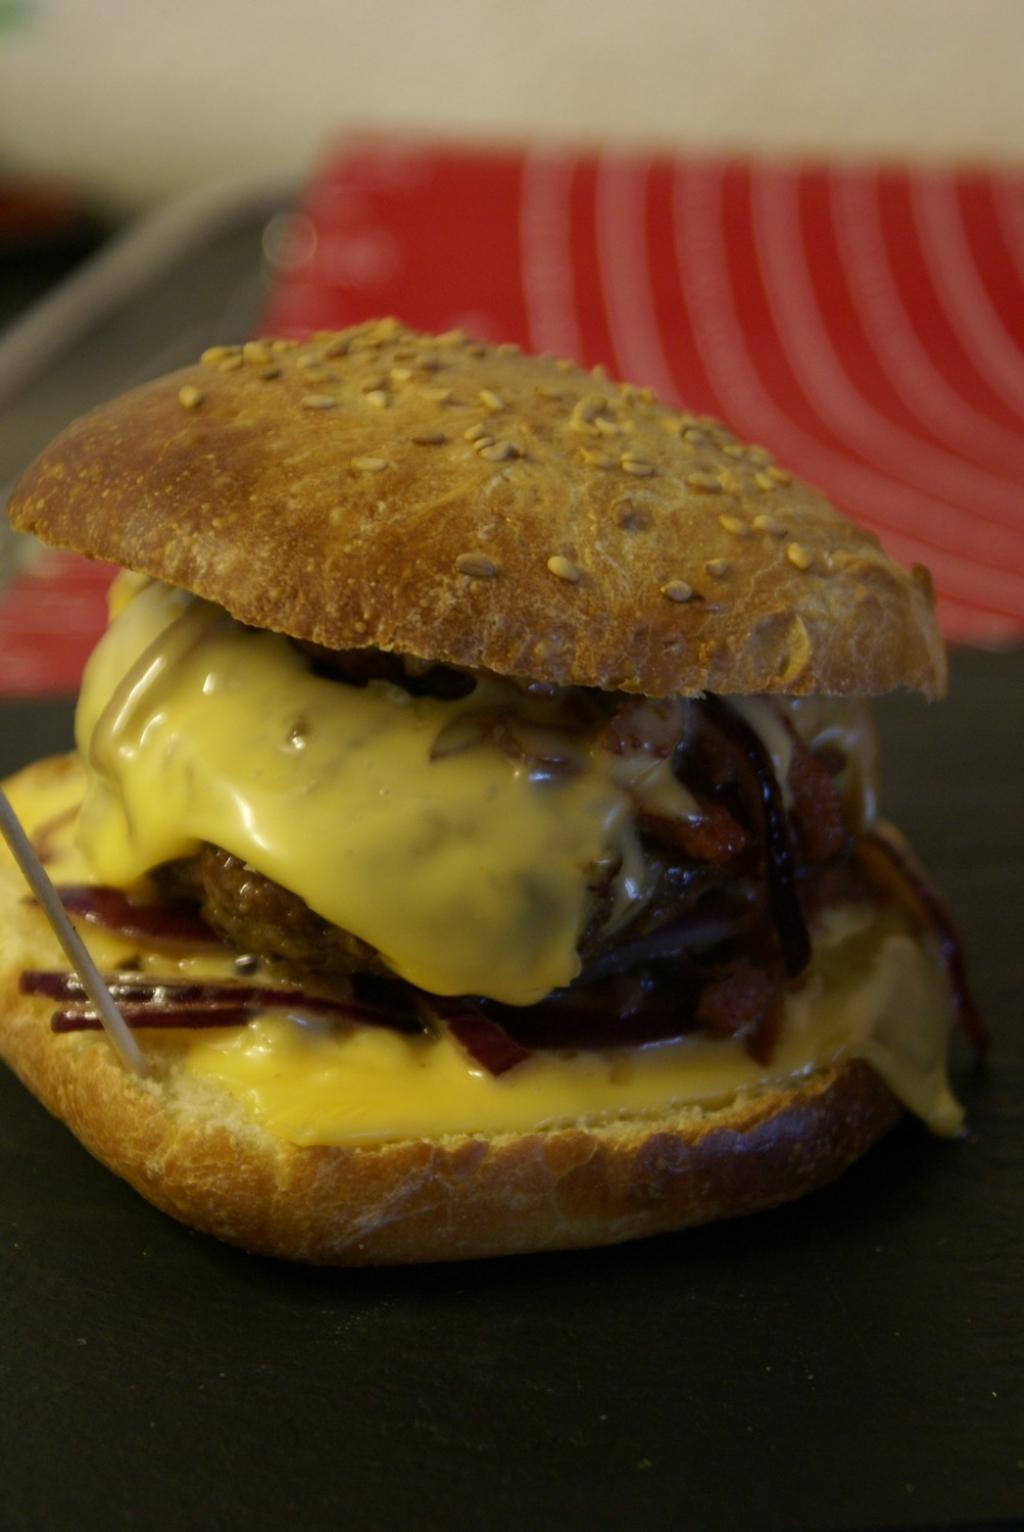 Recette pain et steak hamburger maison - Recette hamburger maison original ...